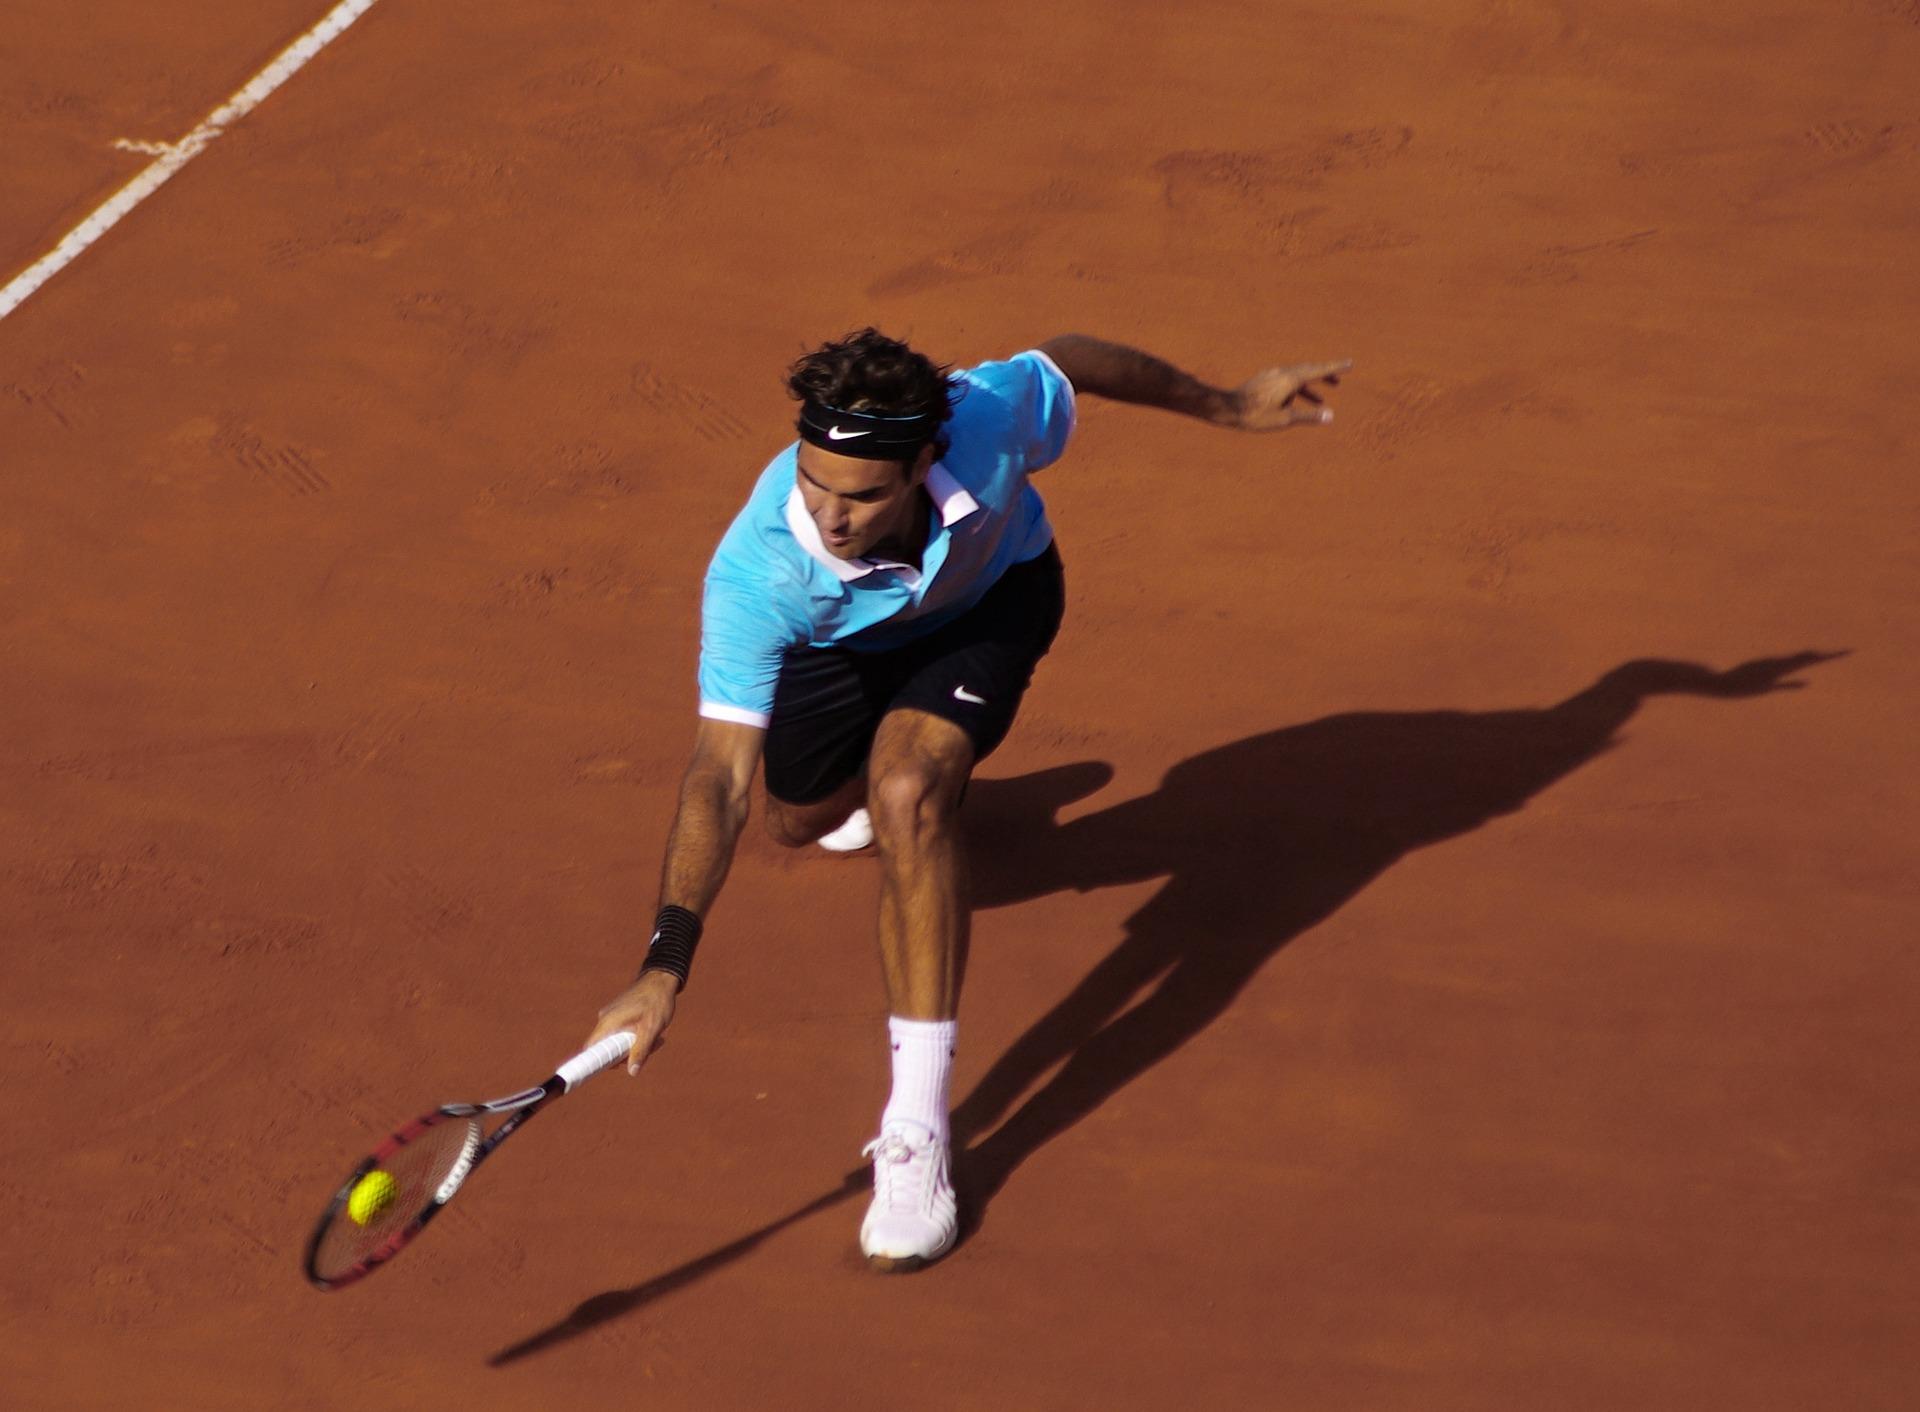 Bild Angebot Einzel Performance Coaching Tennis